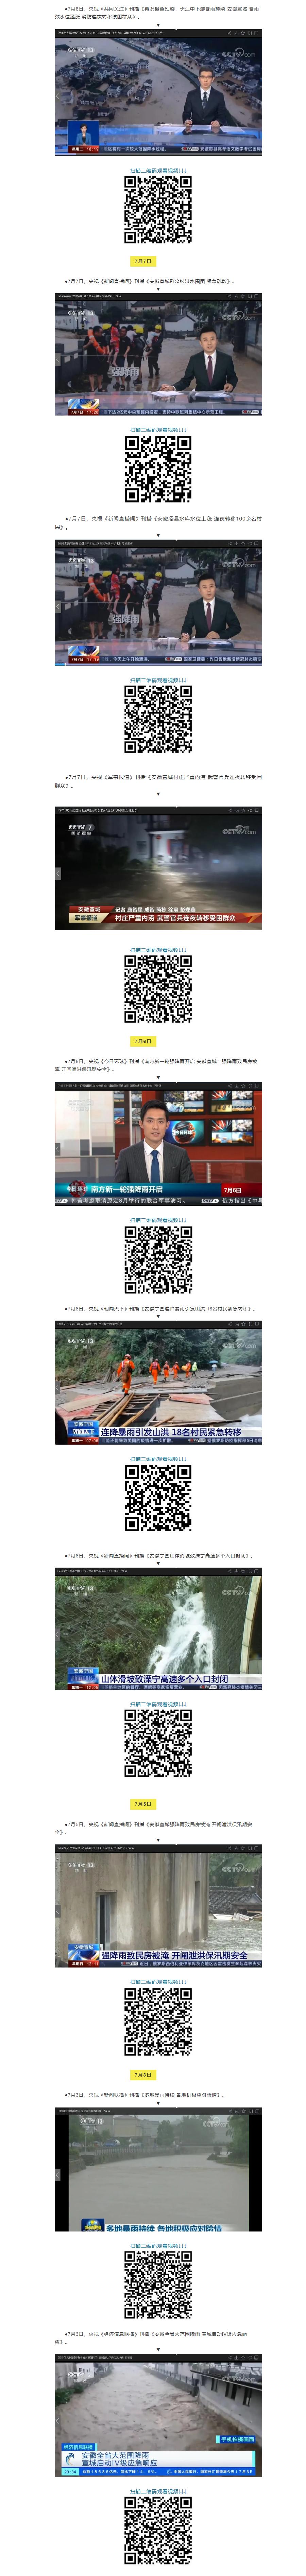 央视聚焦!宣城,加油!_看图王.png